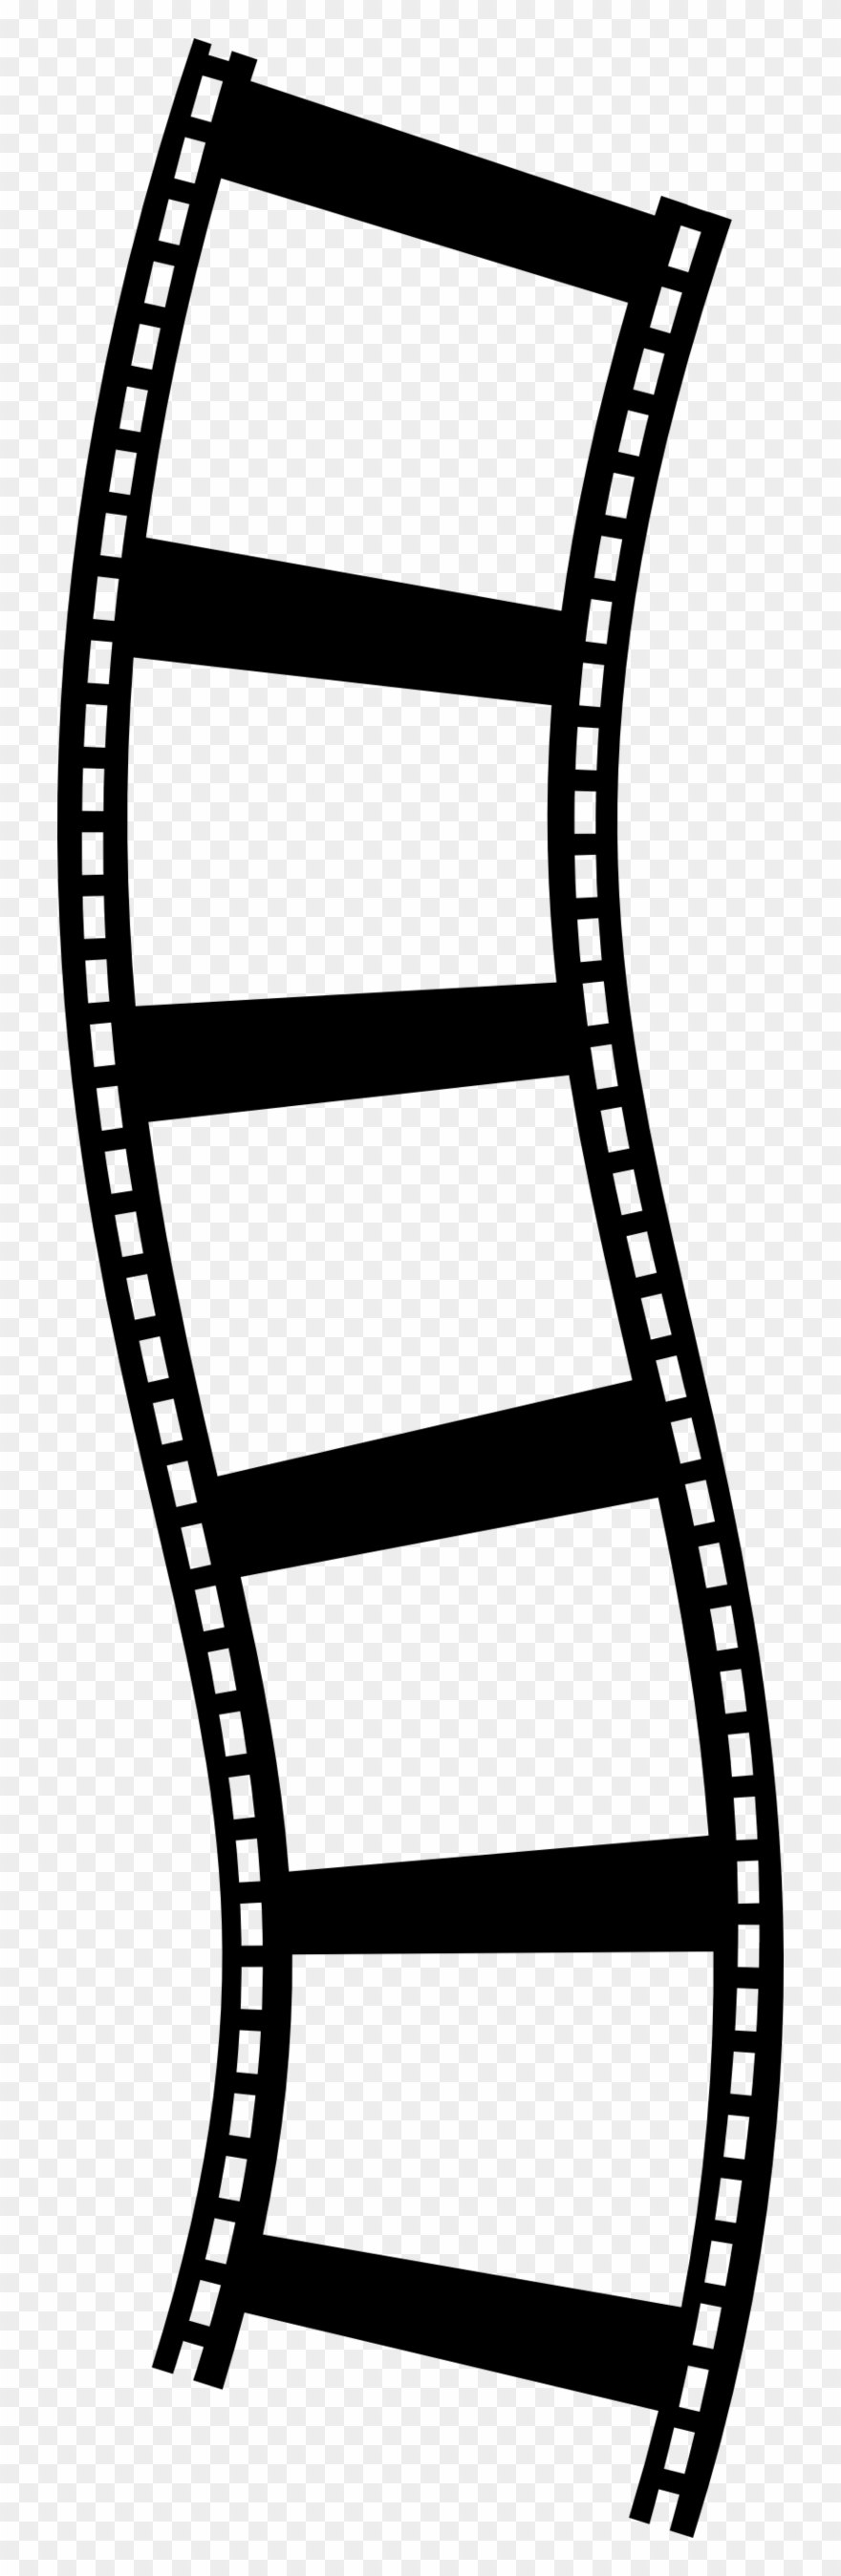 فيلم قصاصة فنية من مجموعة شريط الفيلم قصاصة فنية تحميل Png In 2020 Clip Art Film Strip Movie Clip